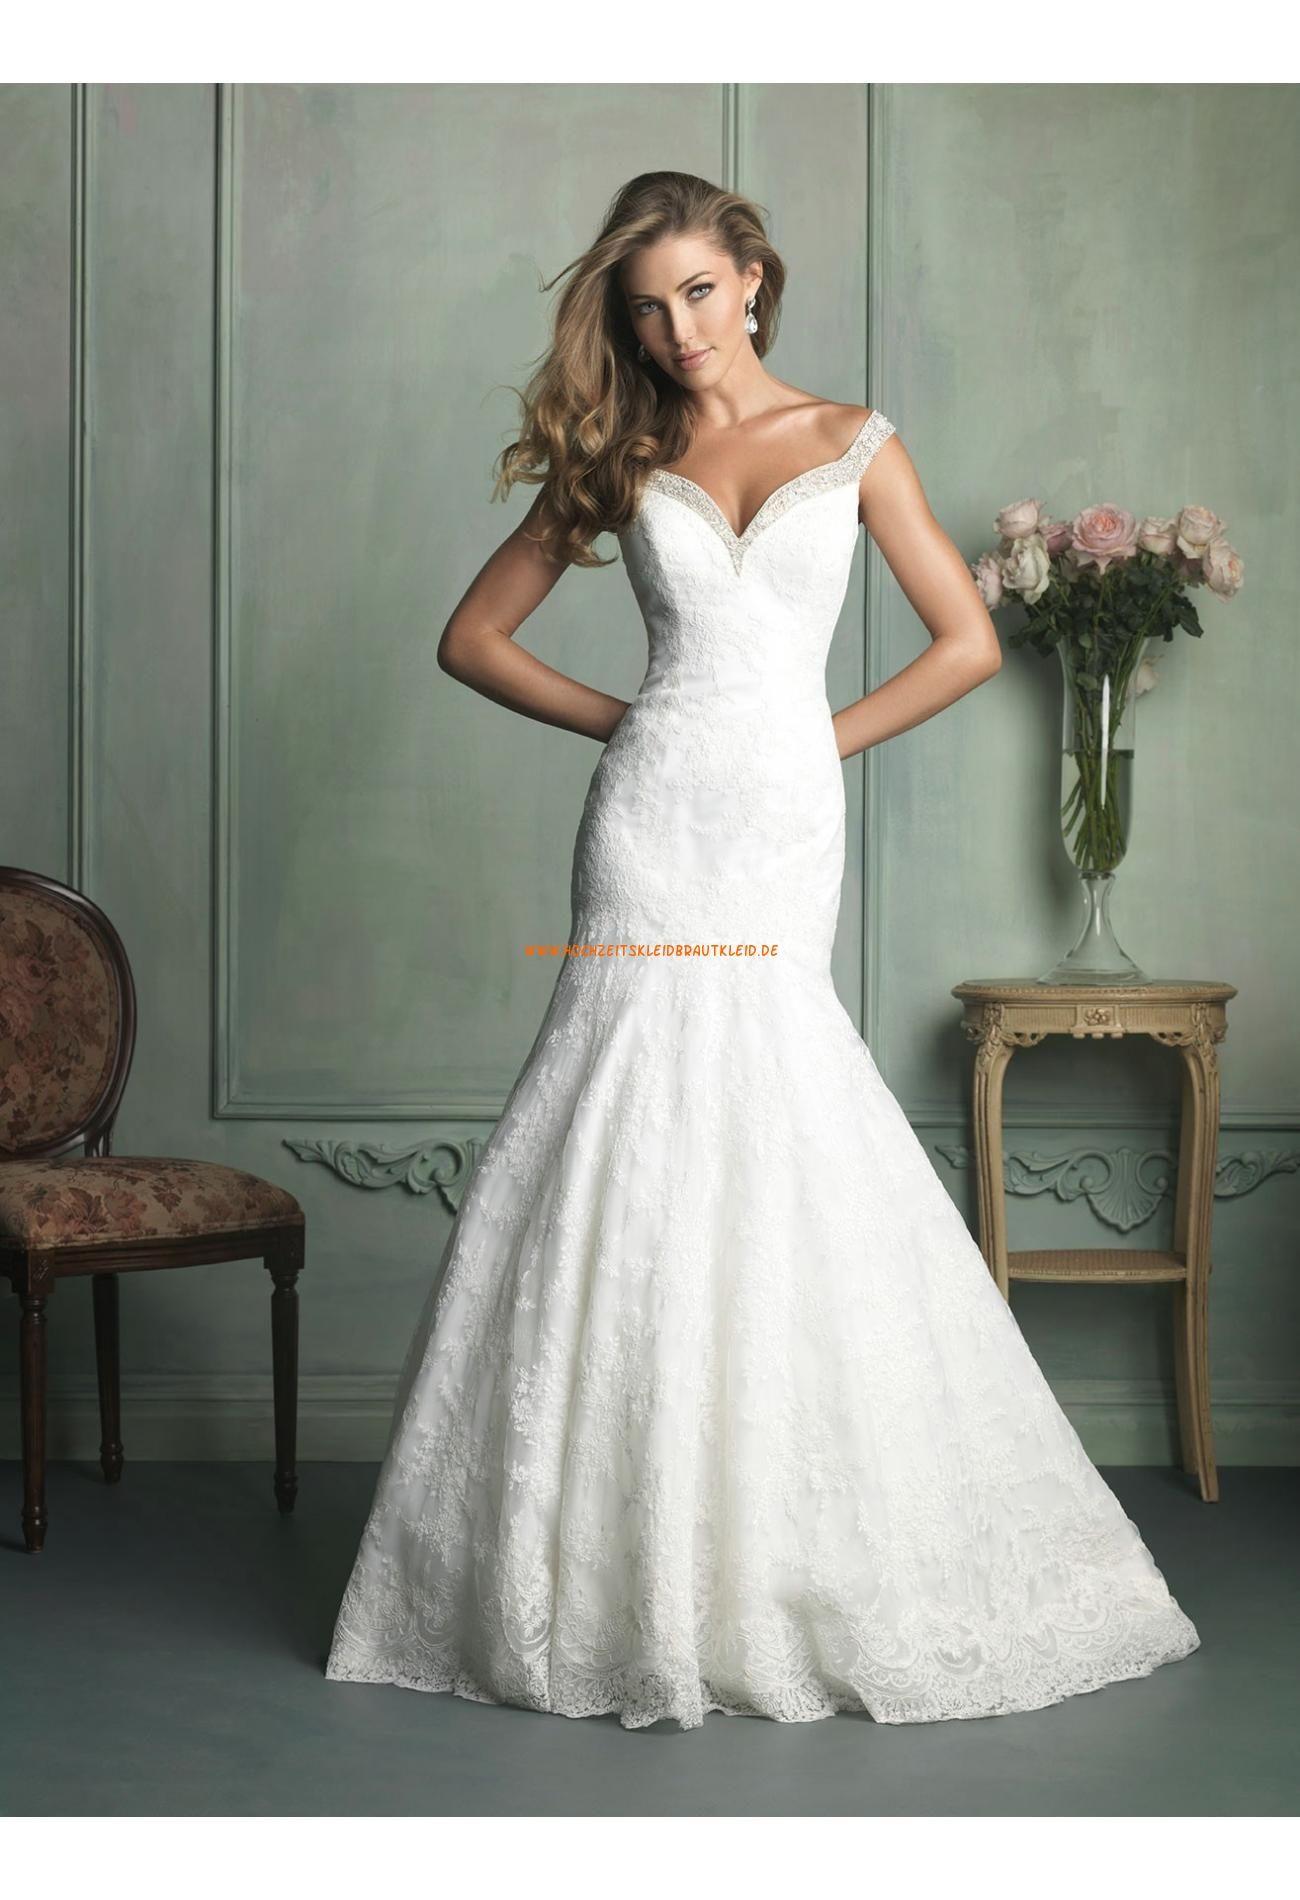 Meerjungfrau Modische Brautkleider 2013 aus Spitze | Hochzeitsideen ...